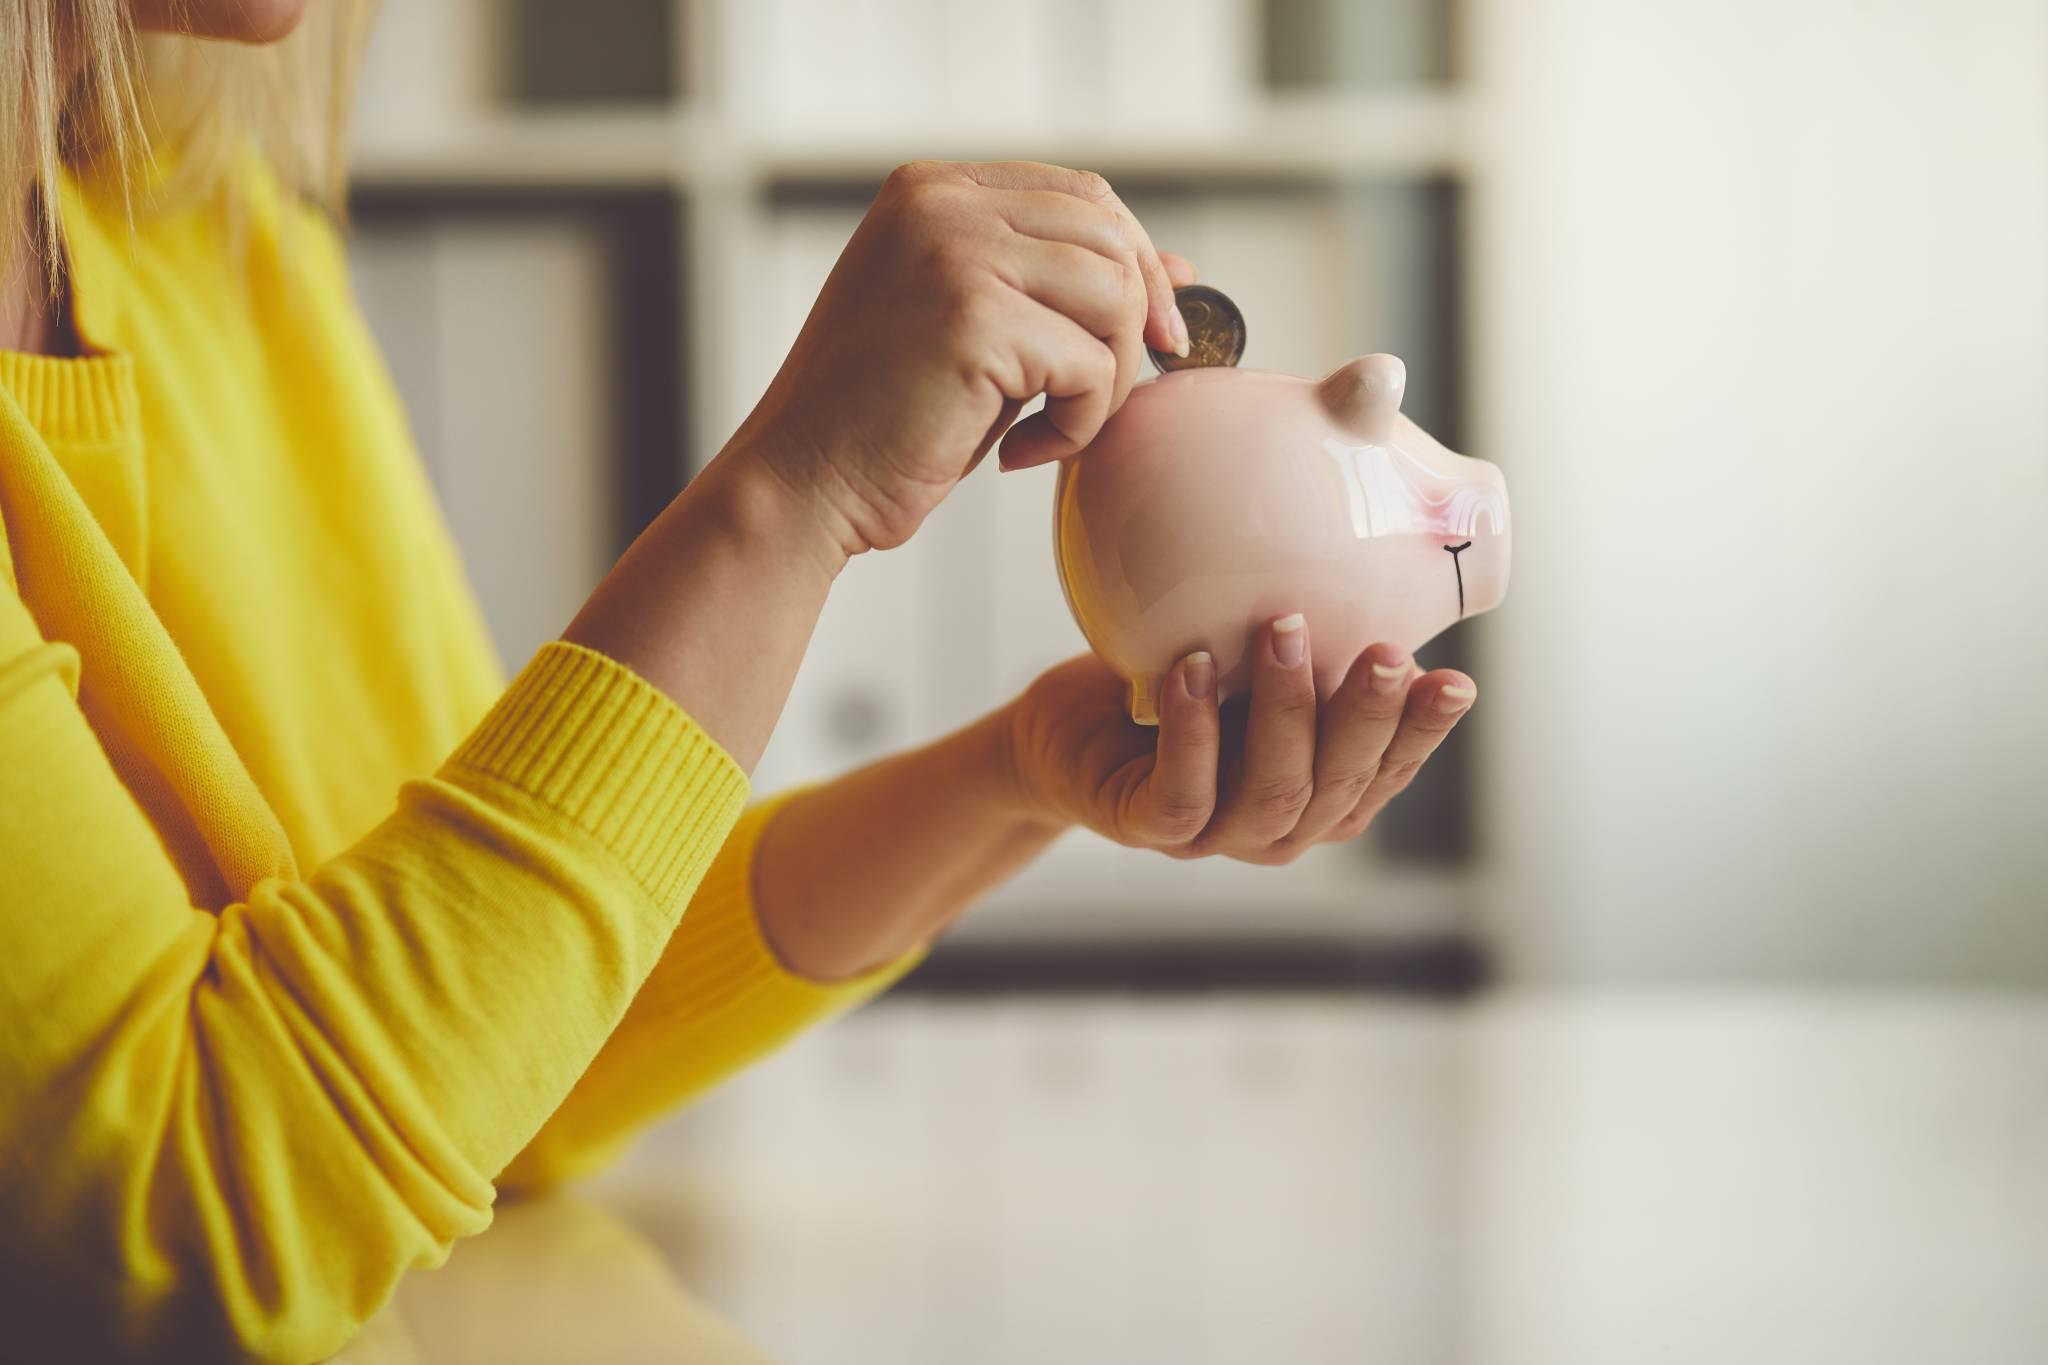 Światowy Dzień Oszczędności: 5 rad jak oszczędzać pieniądze